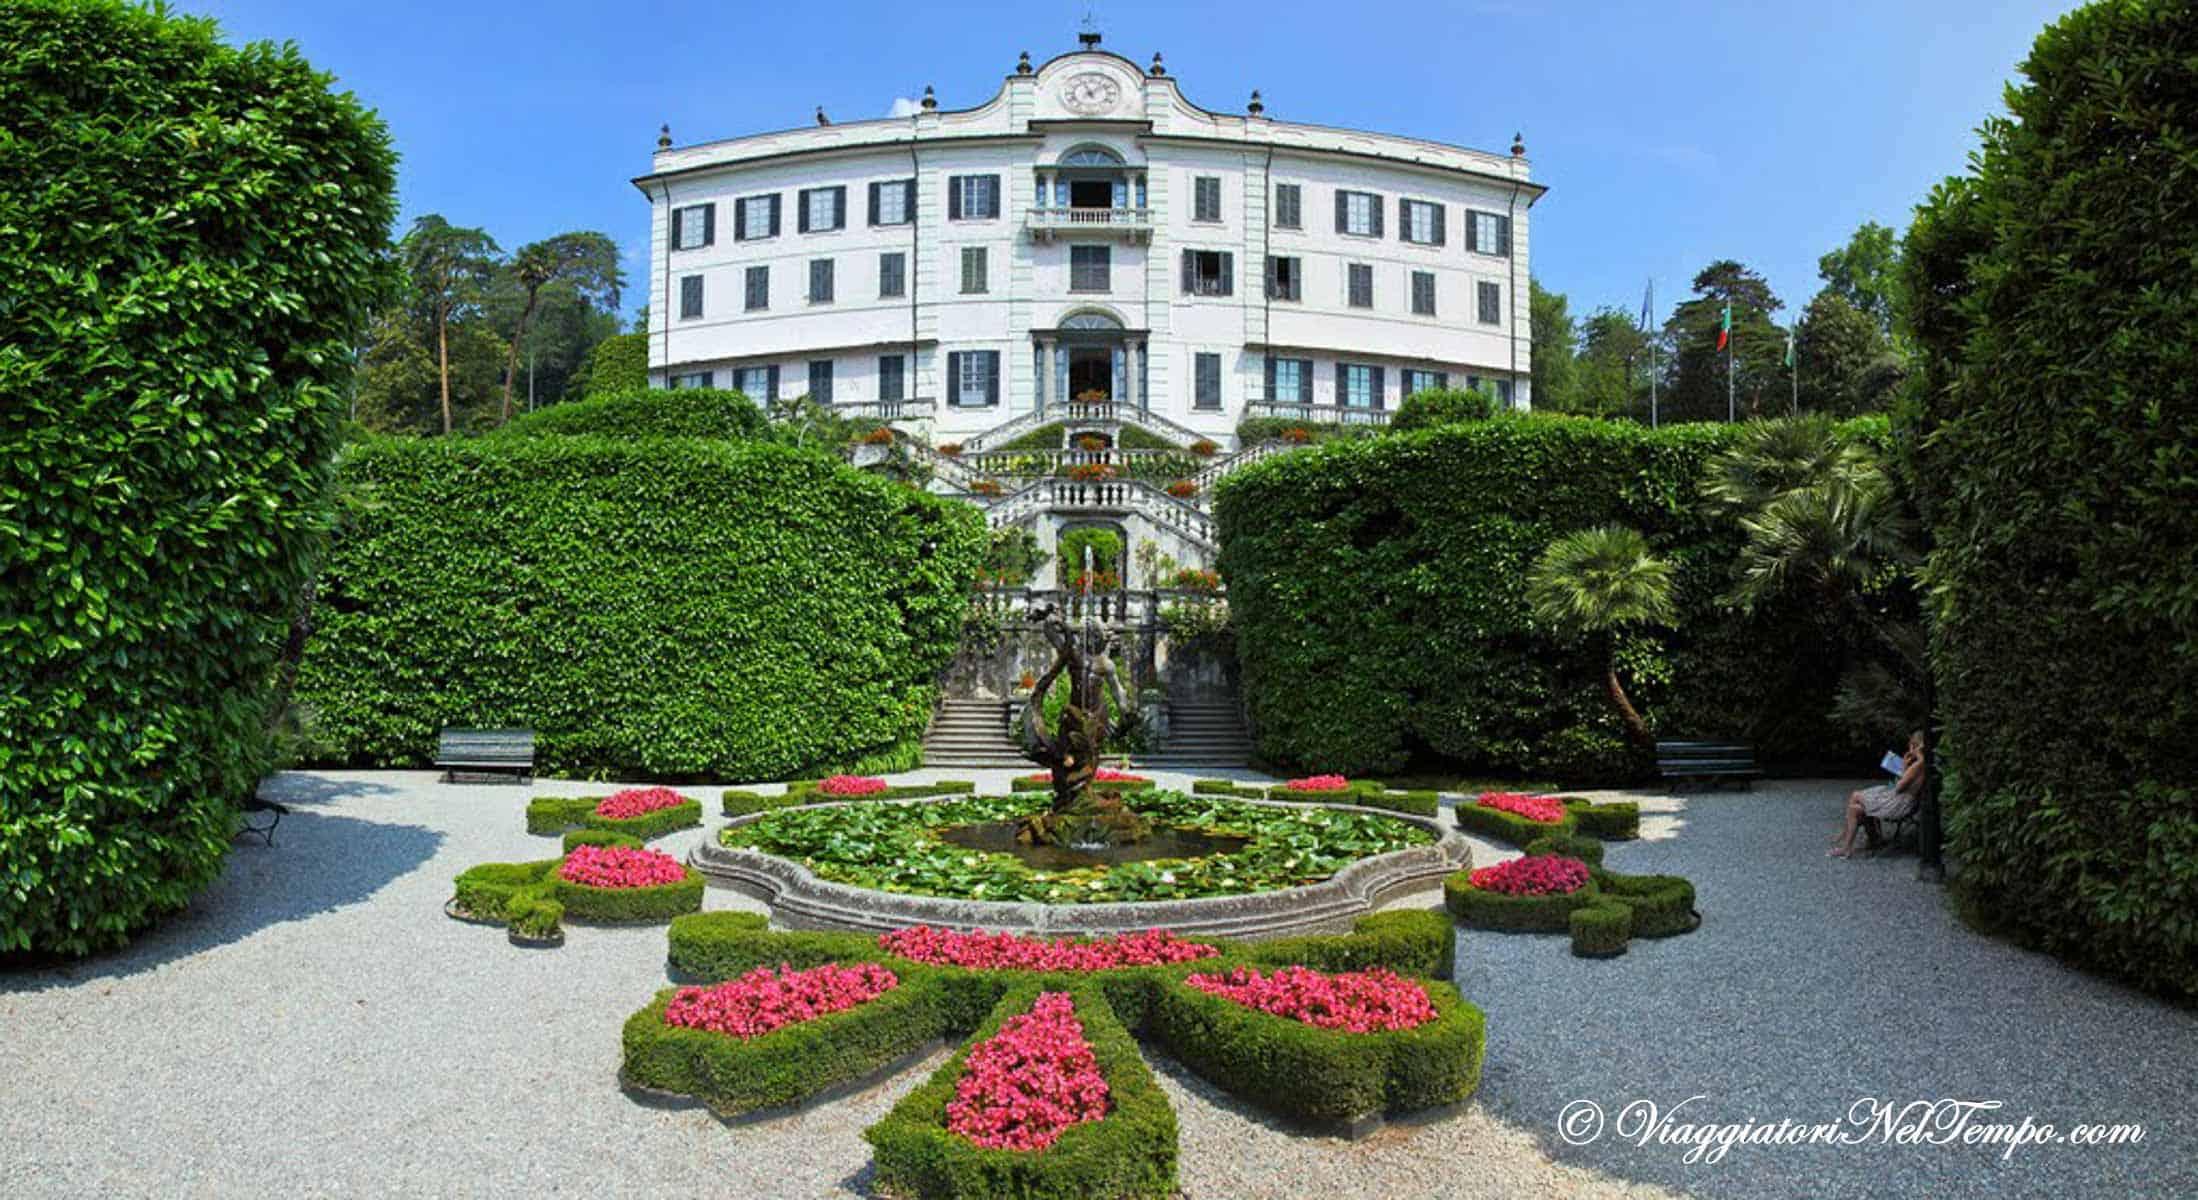 5 parchi da non perdere vicino a milano - Giardini di marzo collezione ...